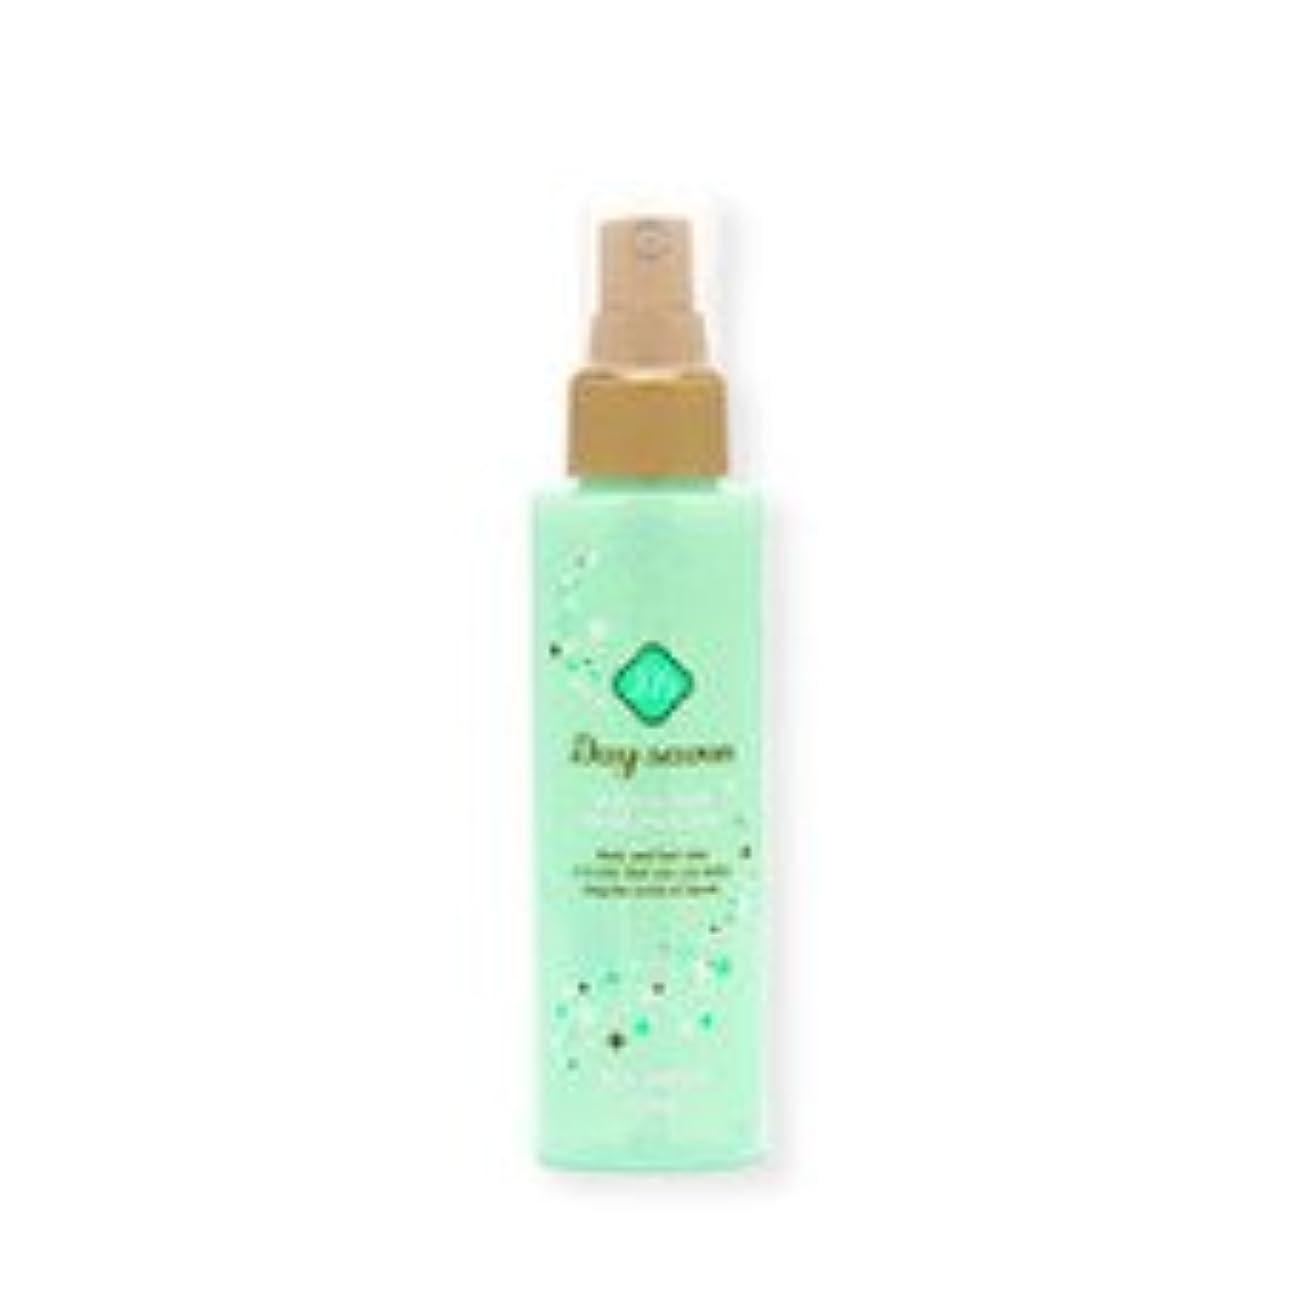 ドライそっと笑富士薬品 デイサボン ボディ&ヘアミスト シーサボン(爽やかな石鹸の香り)[化粧水] 120mL